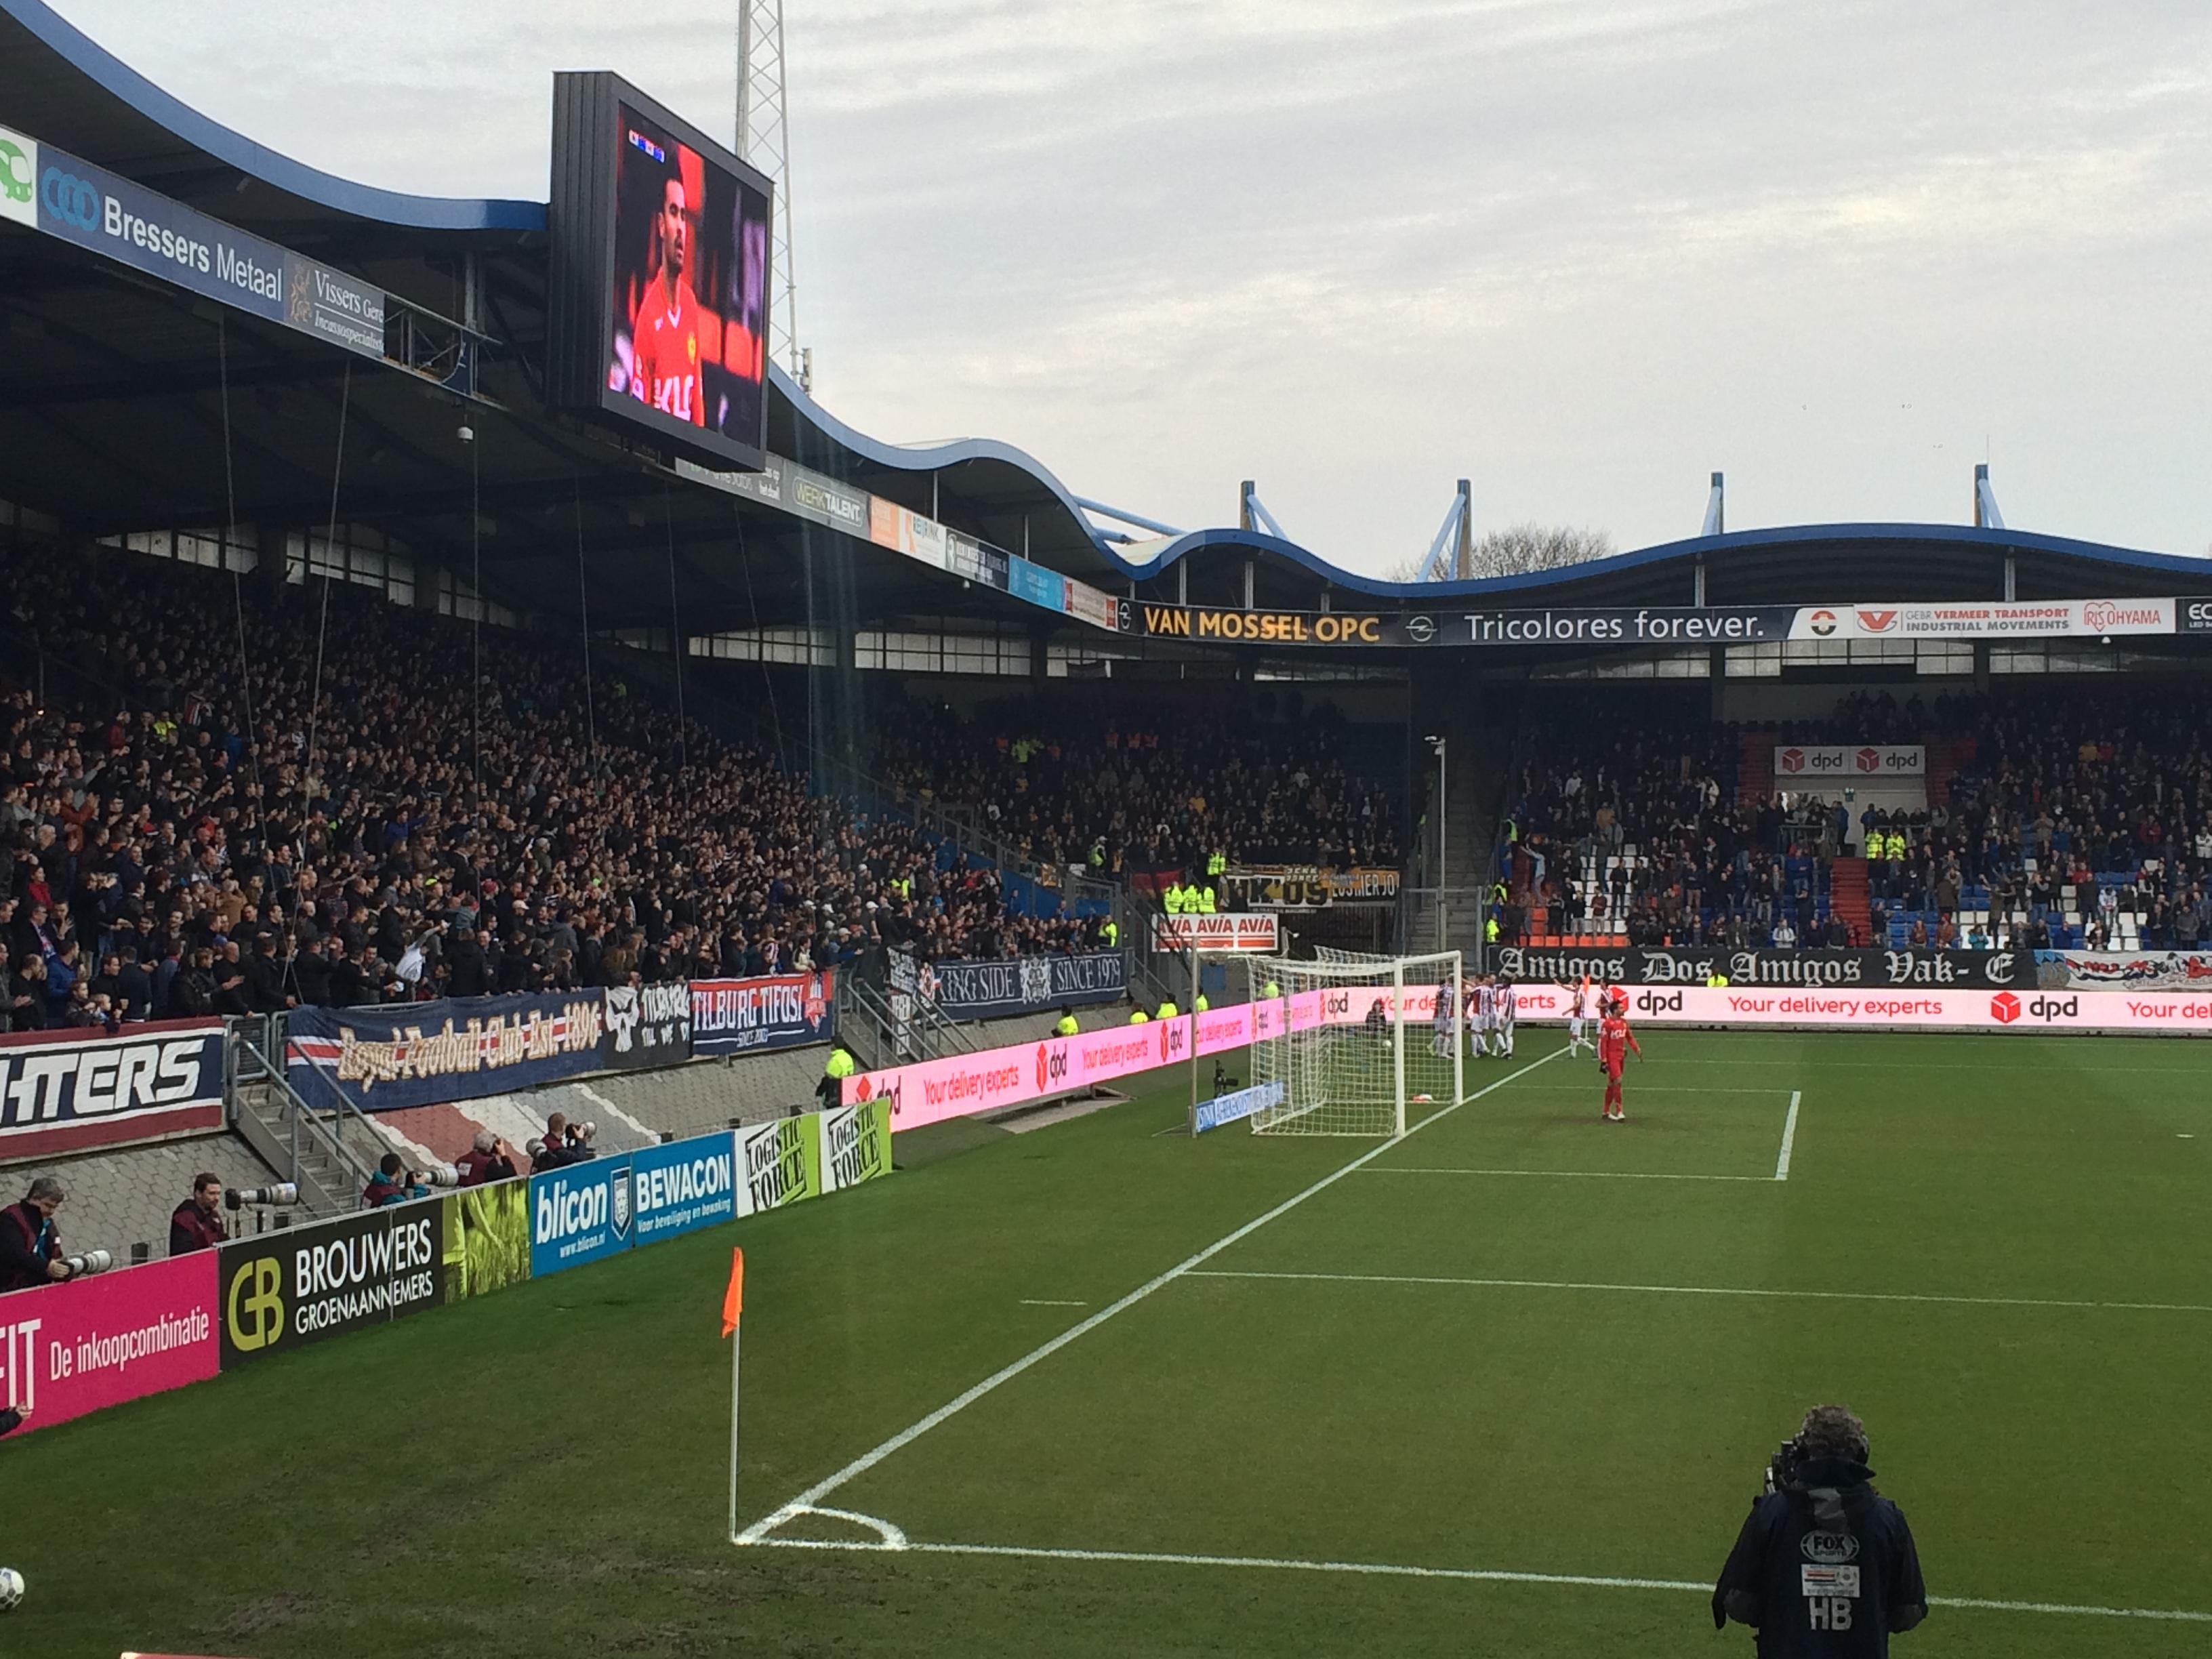 Tilburg: Koning Willem II Stadion